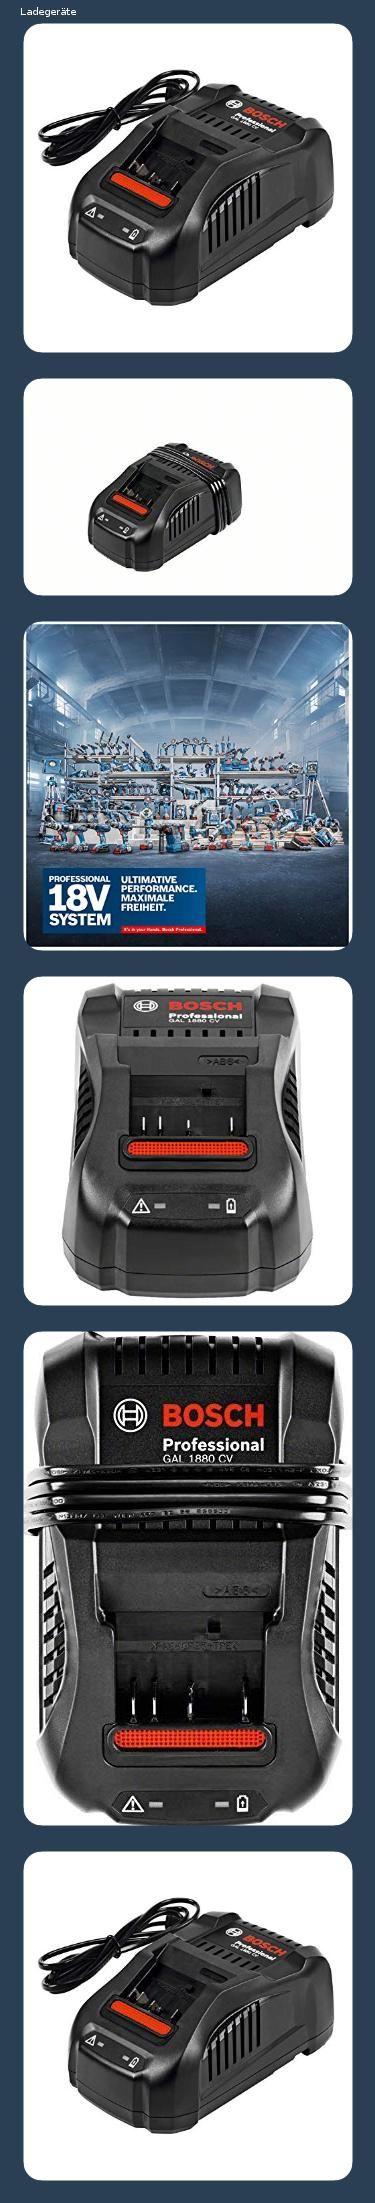 23 Billiger Von 63 49 Auf 48 79 Bosch Professional 18v System Ladegerat Gal 1880 Cv Im K Bosch Professional Bosch Akku Ladegerat